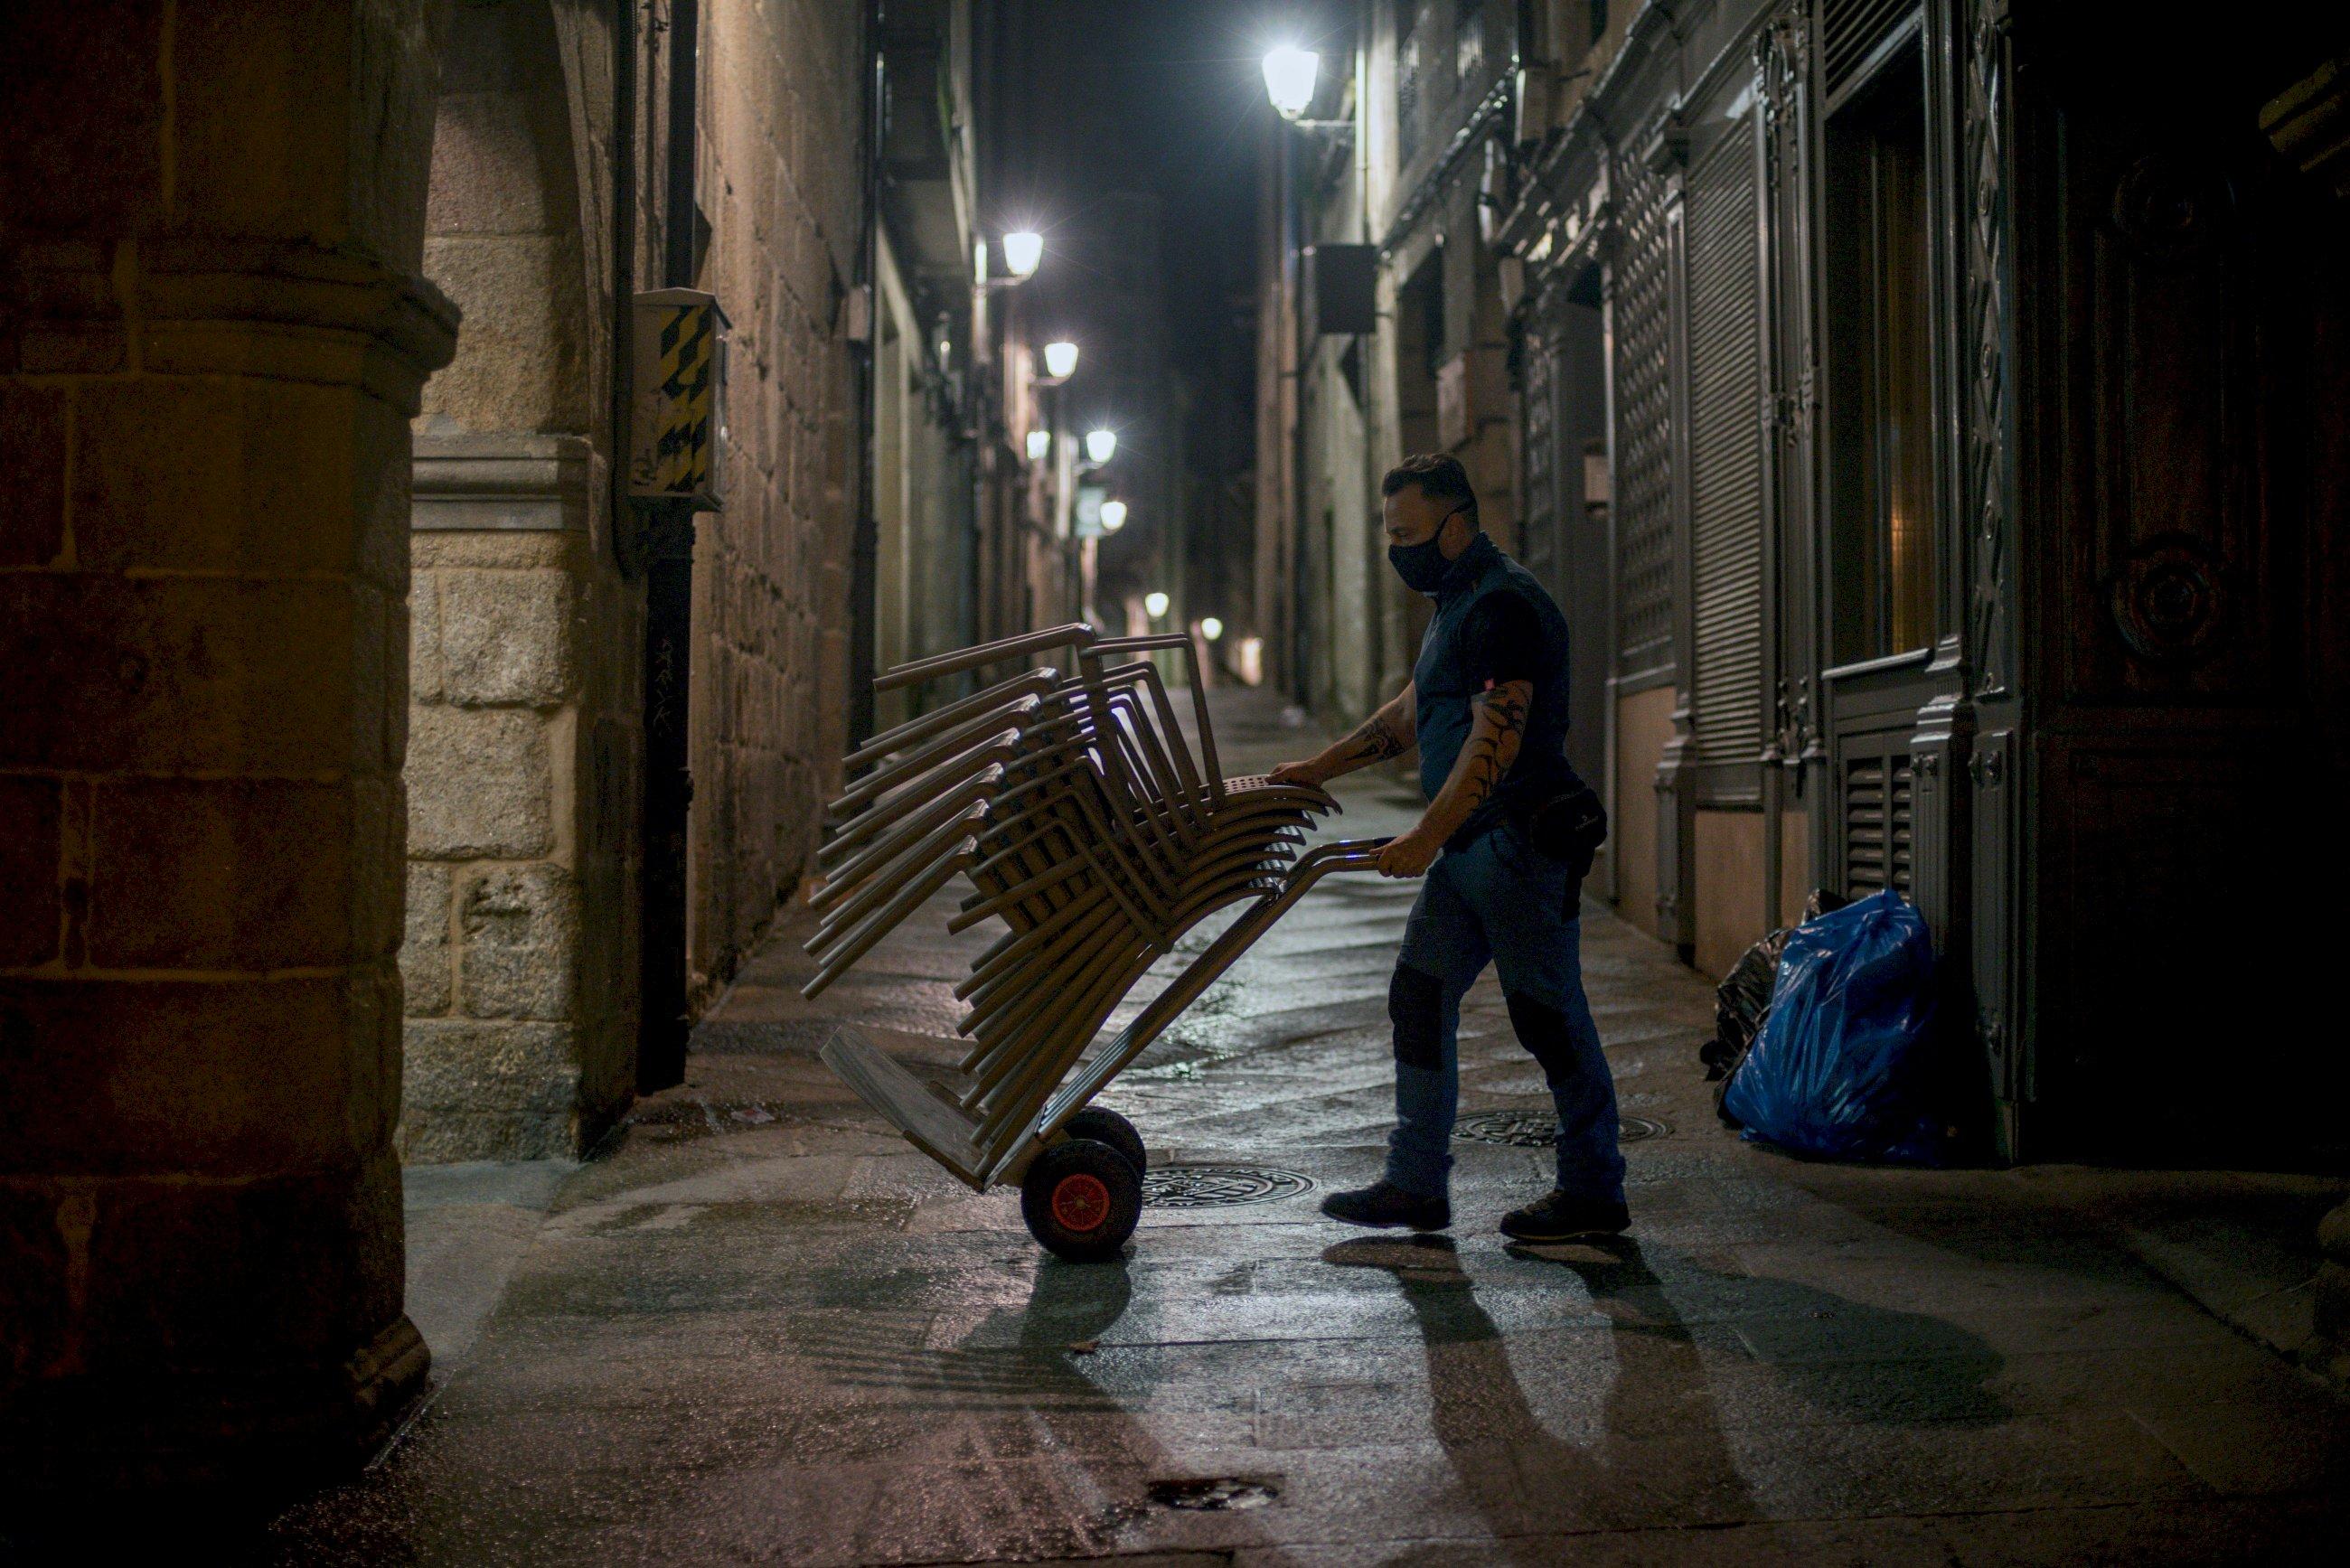 Un hombre recoge las sillas de una terraza / EFE